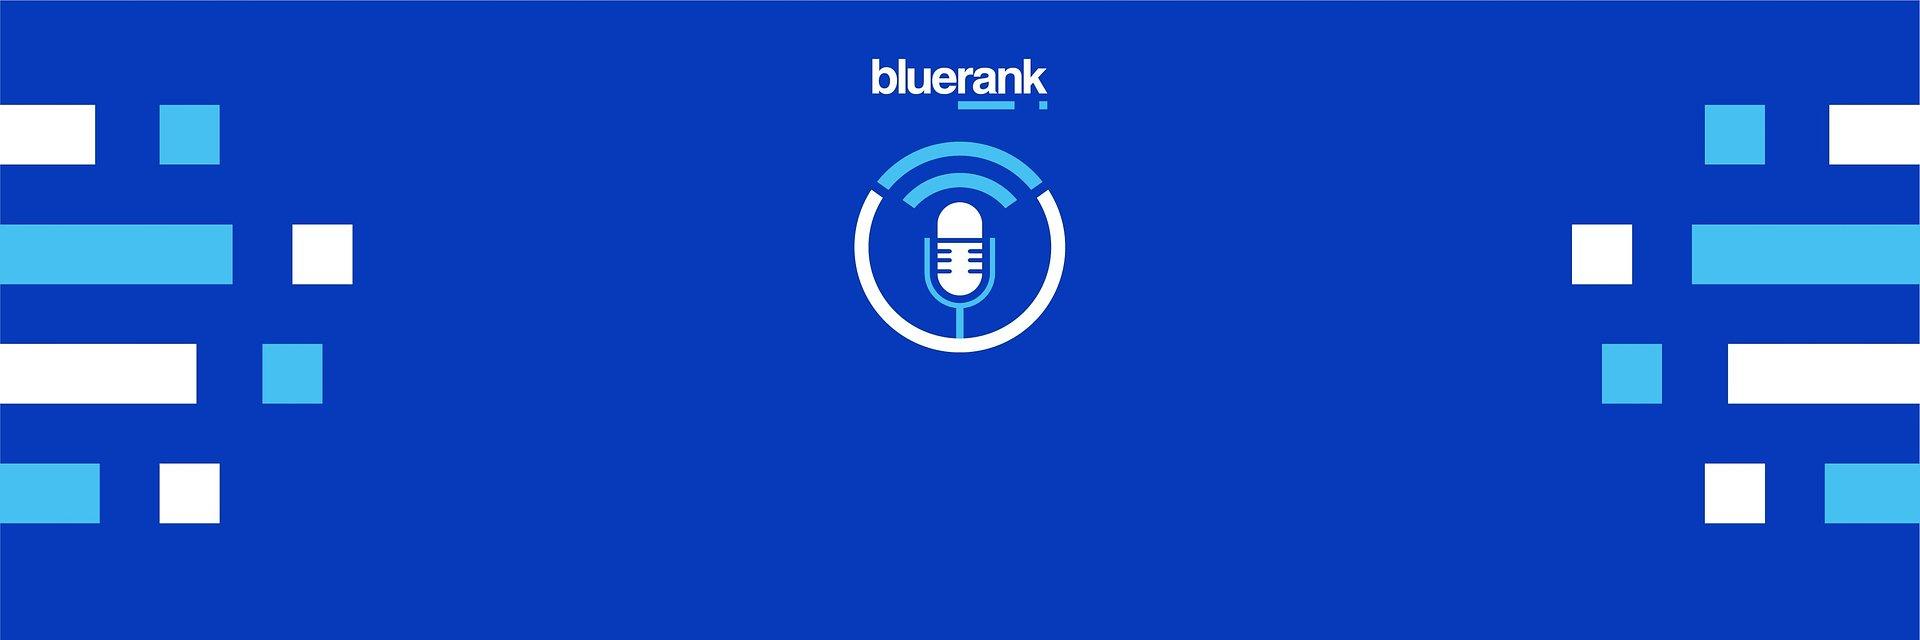 #BluerankOnAir - Bluerank zaprasza na bezpłatne webinary z marketingu online.